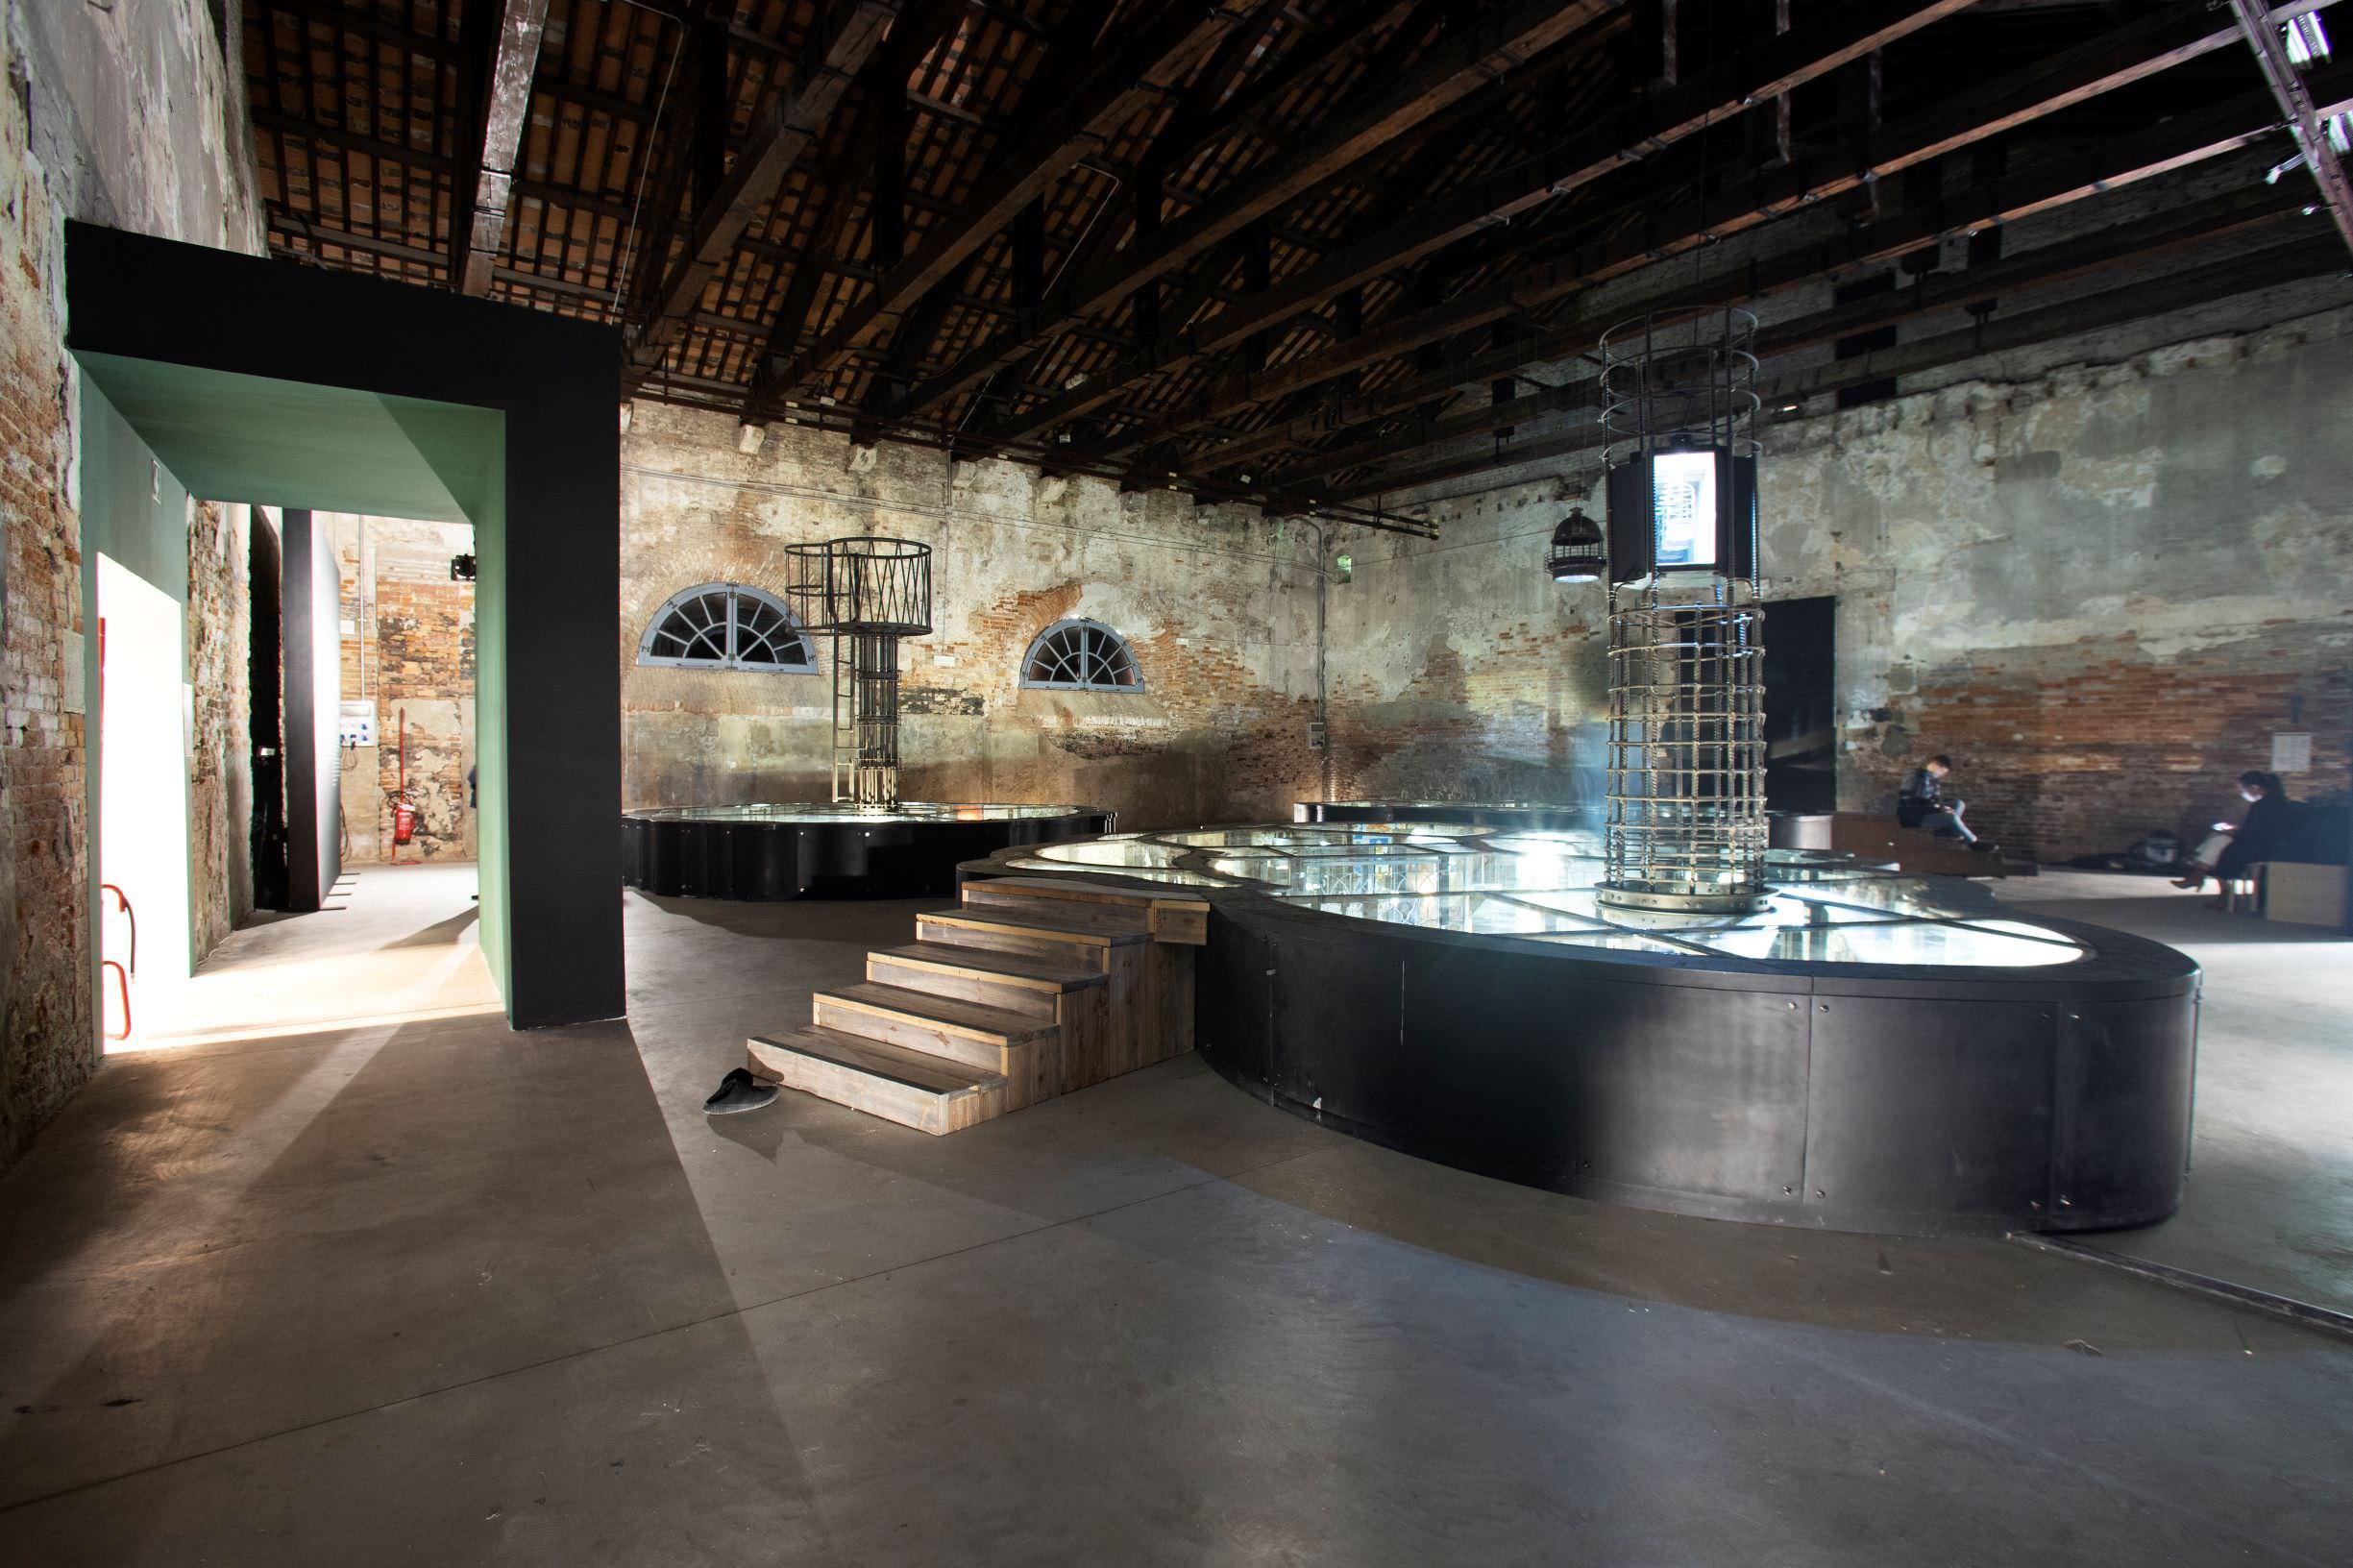 Pavilion of PHILIPPINES, Mark Justiniani, Island Weather. Photo by: Italo Rondinella. Courtesy: La Biennale di Venezia